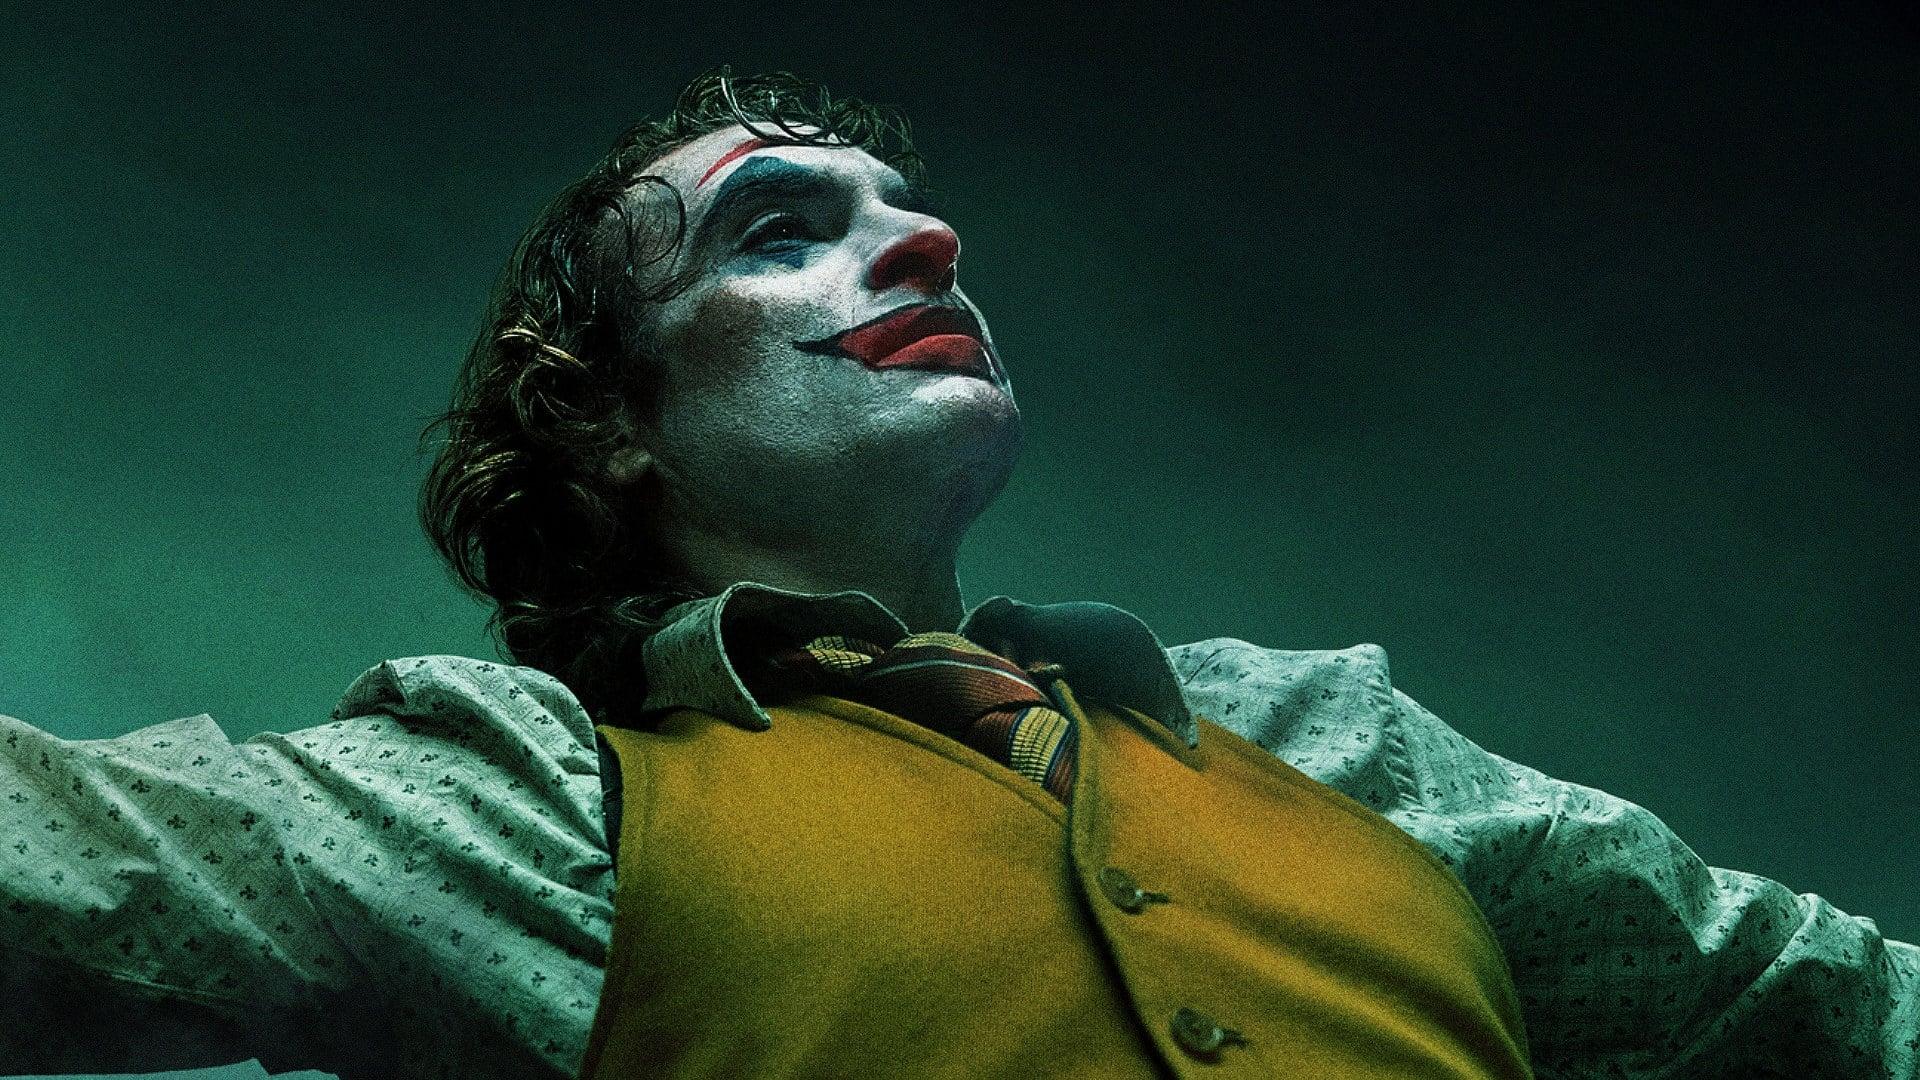 123movies Joker 2019 Full Movie Online Free For